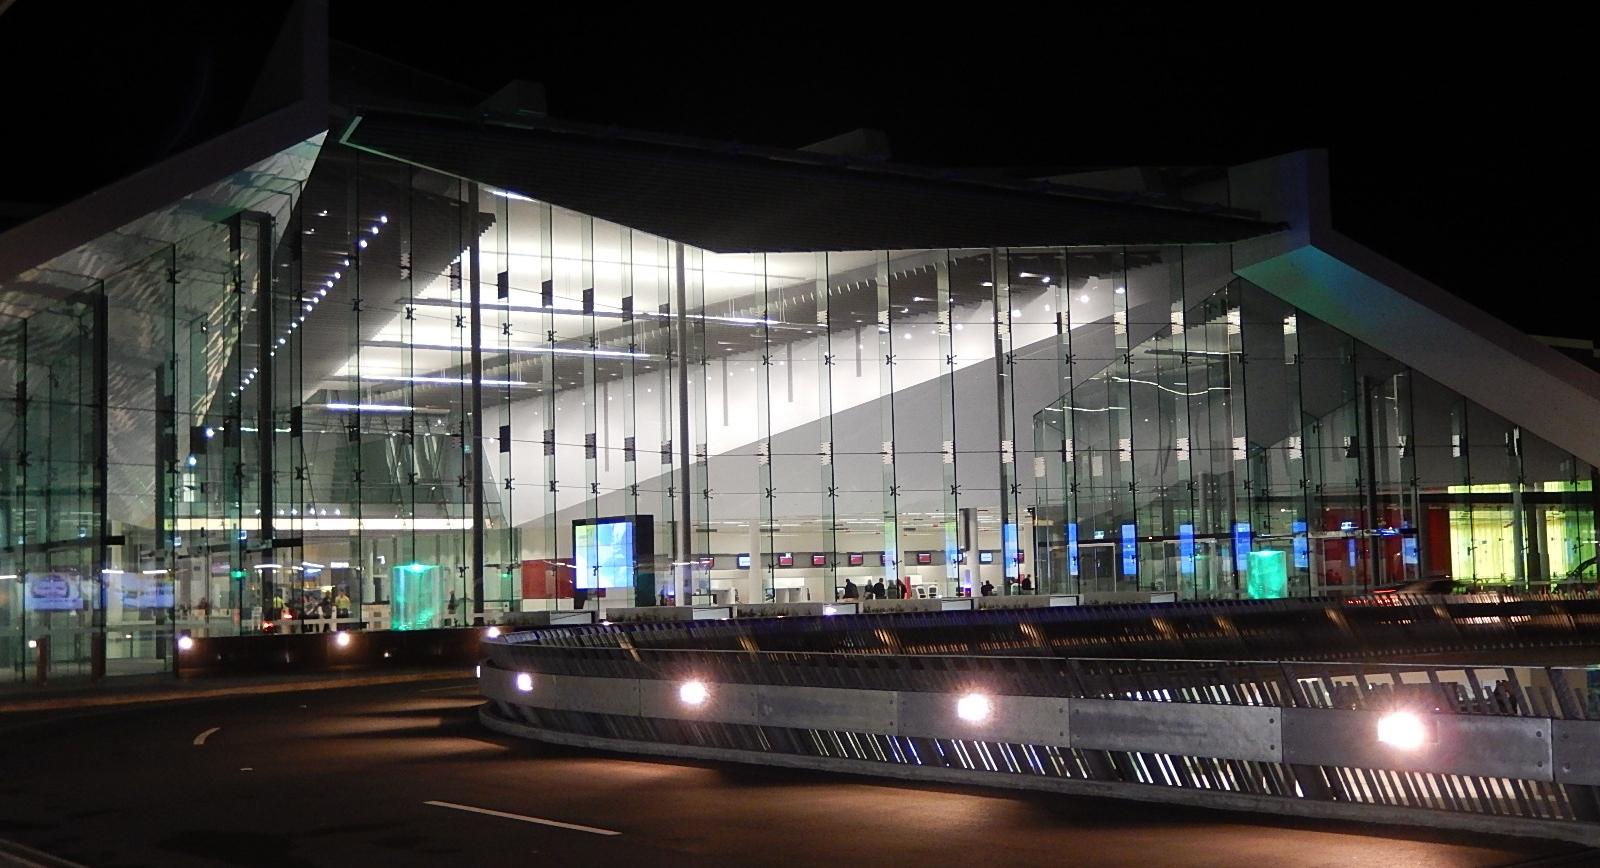 L'aéroport de Canberra, choisi pour le test